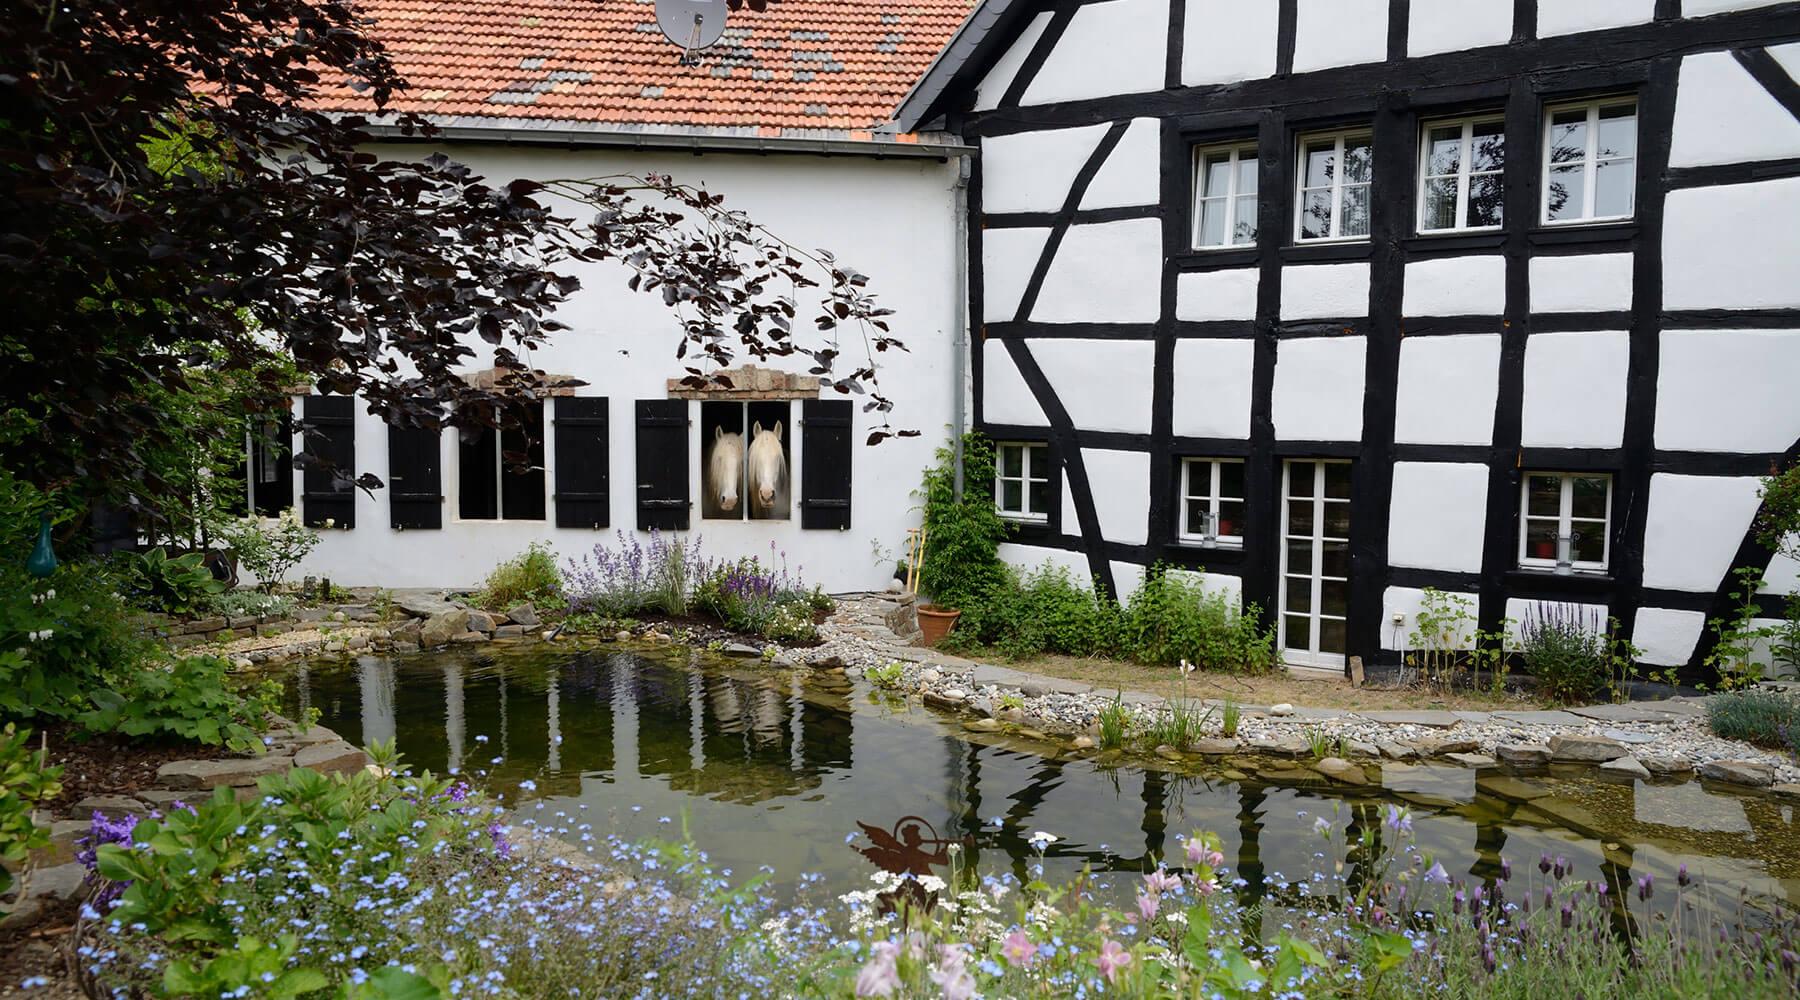 7M Immobilien – Außenaufnahme Haus mit Teich